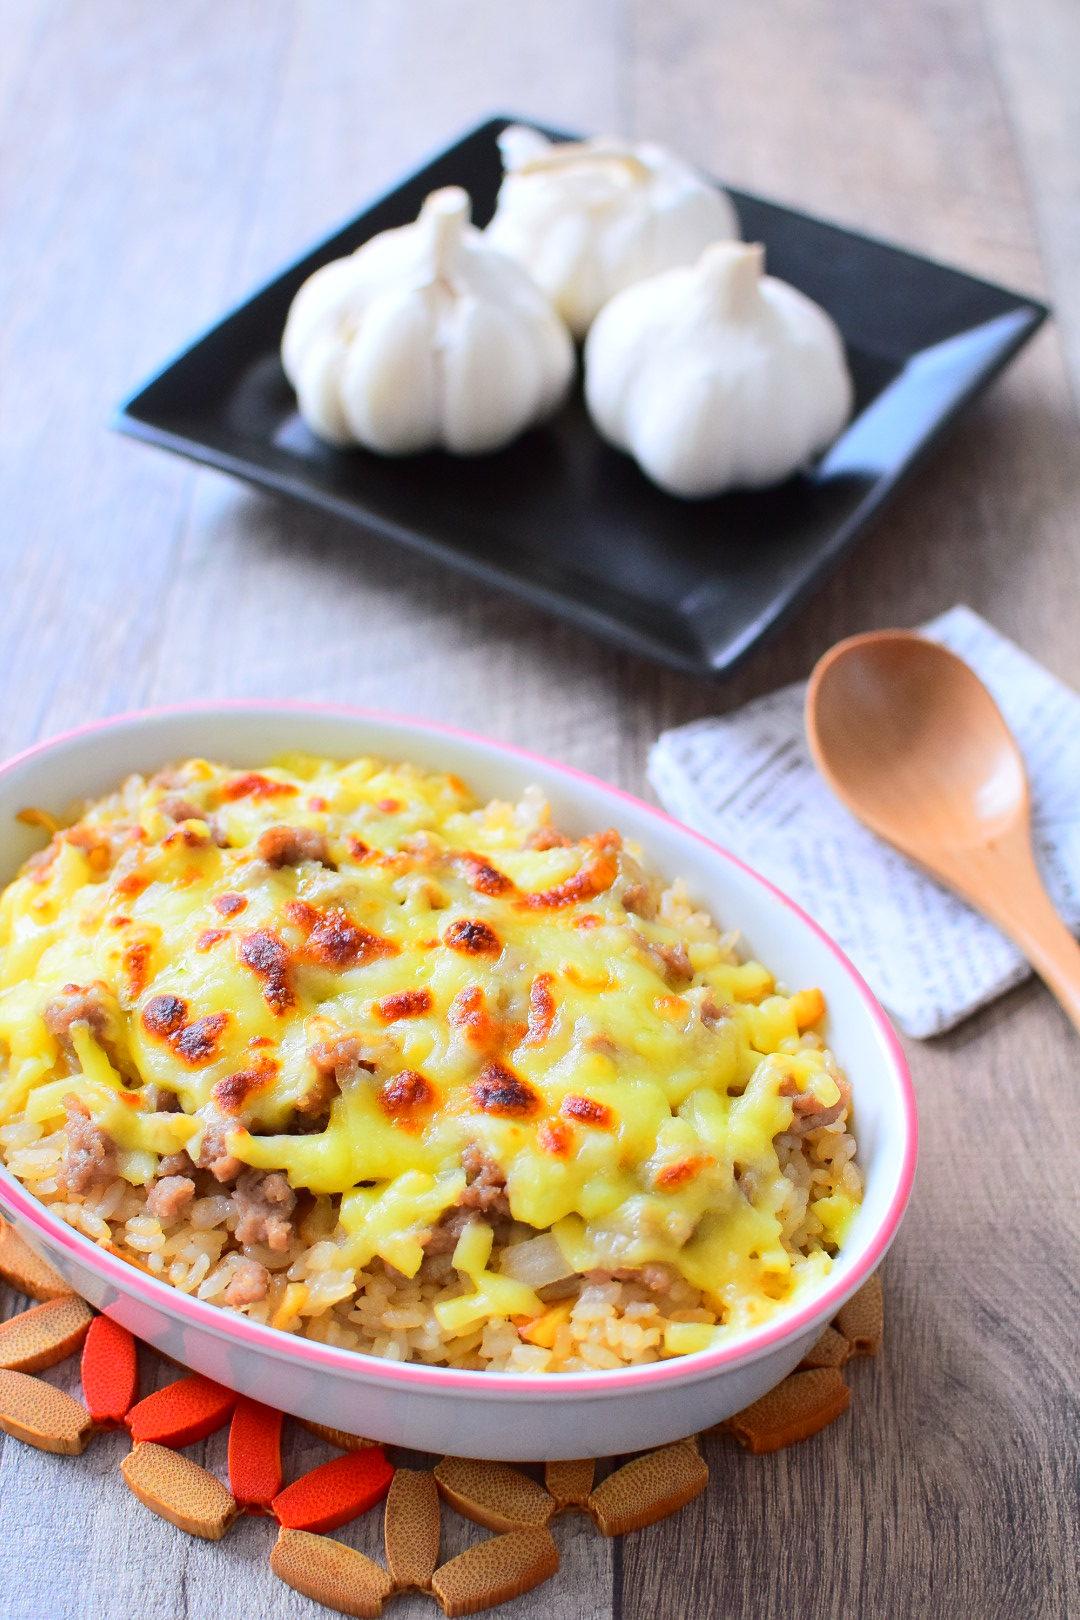 がっつり飯!ガーリックライスの肉味噌チーズ焼きのレシピ